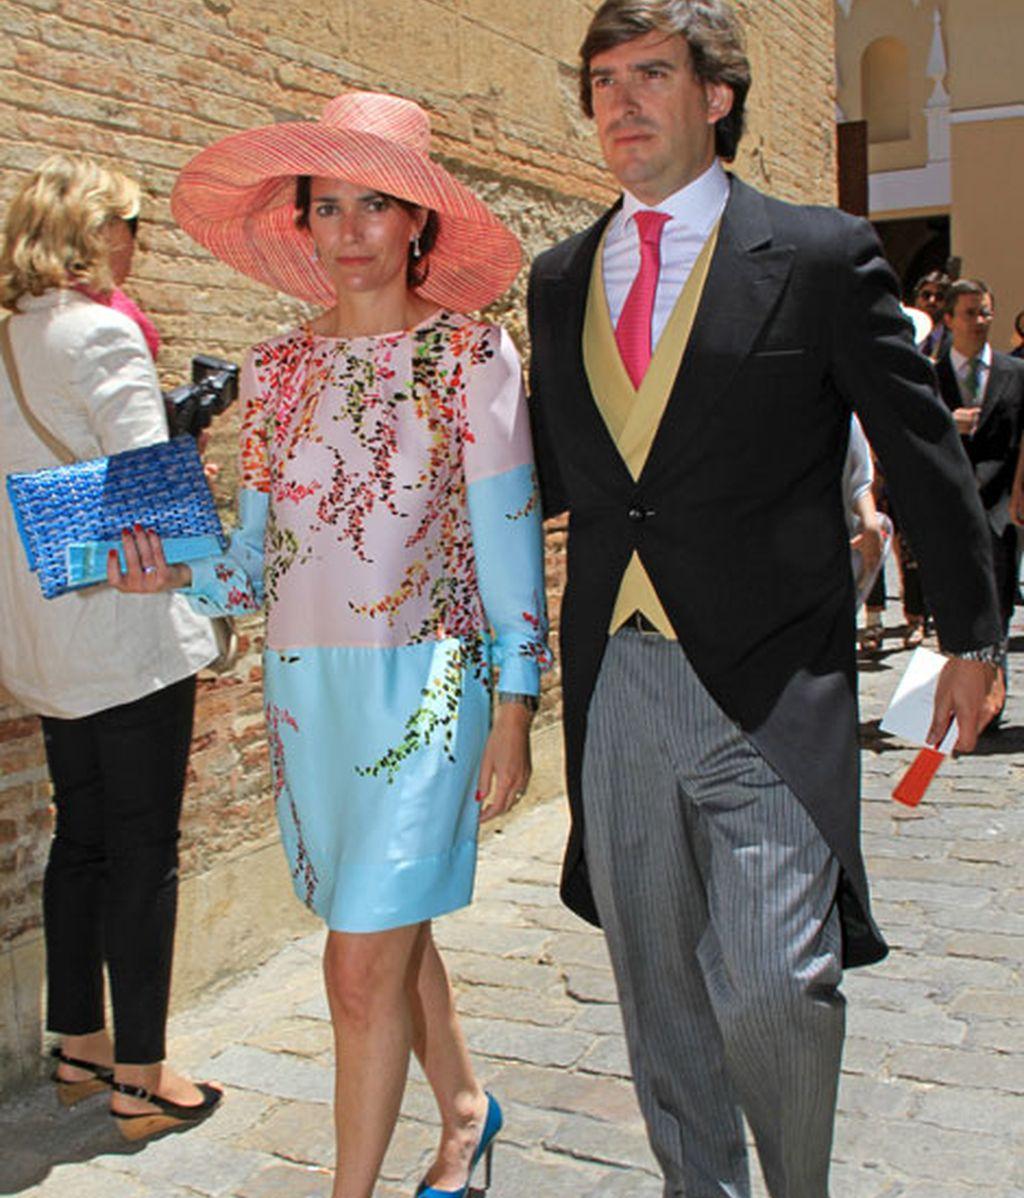 Hubo mucho color en los trajes de los invitados